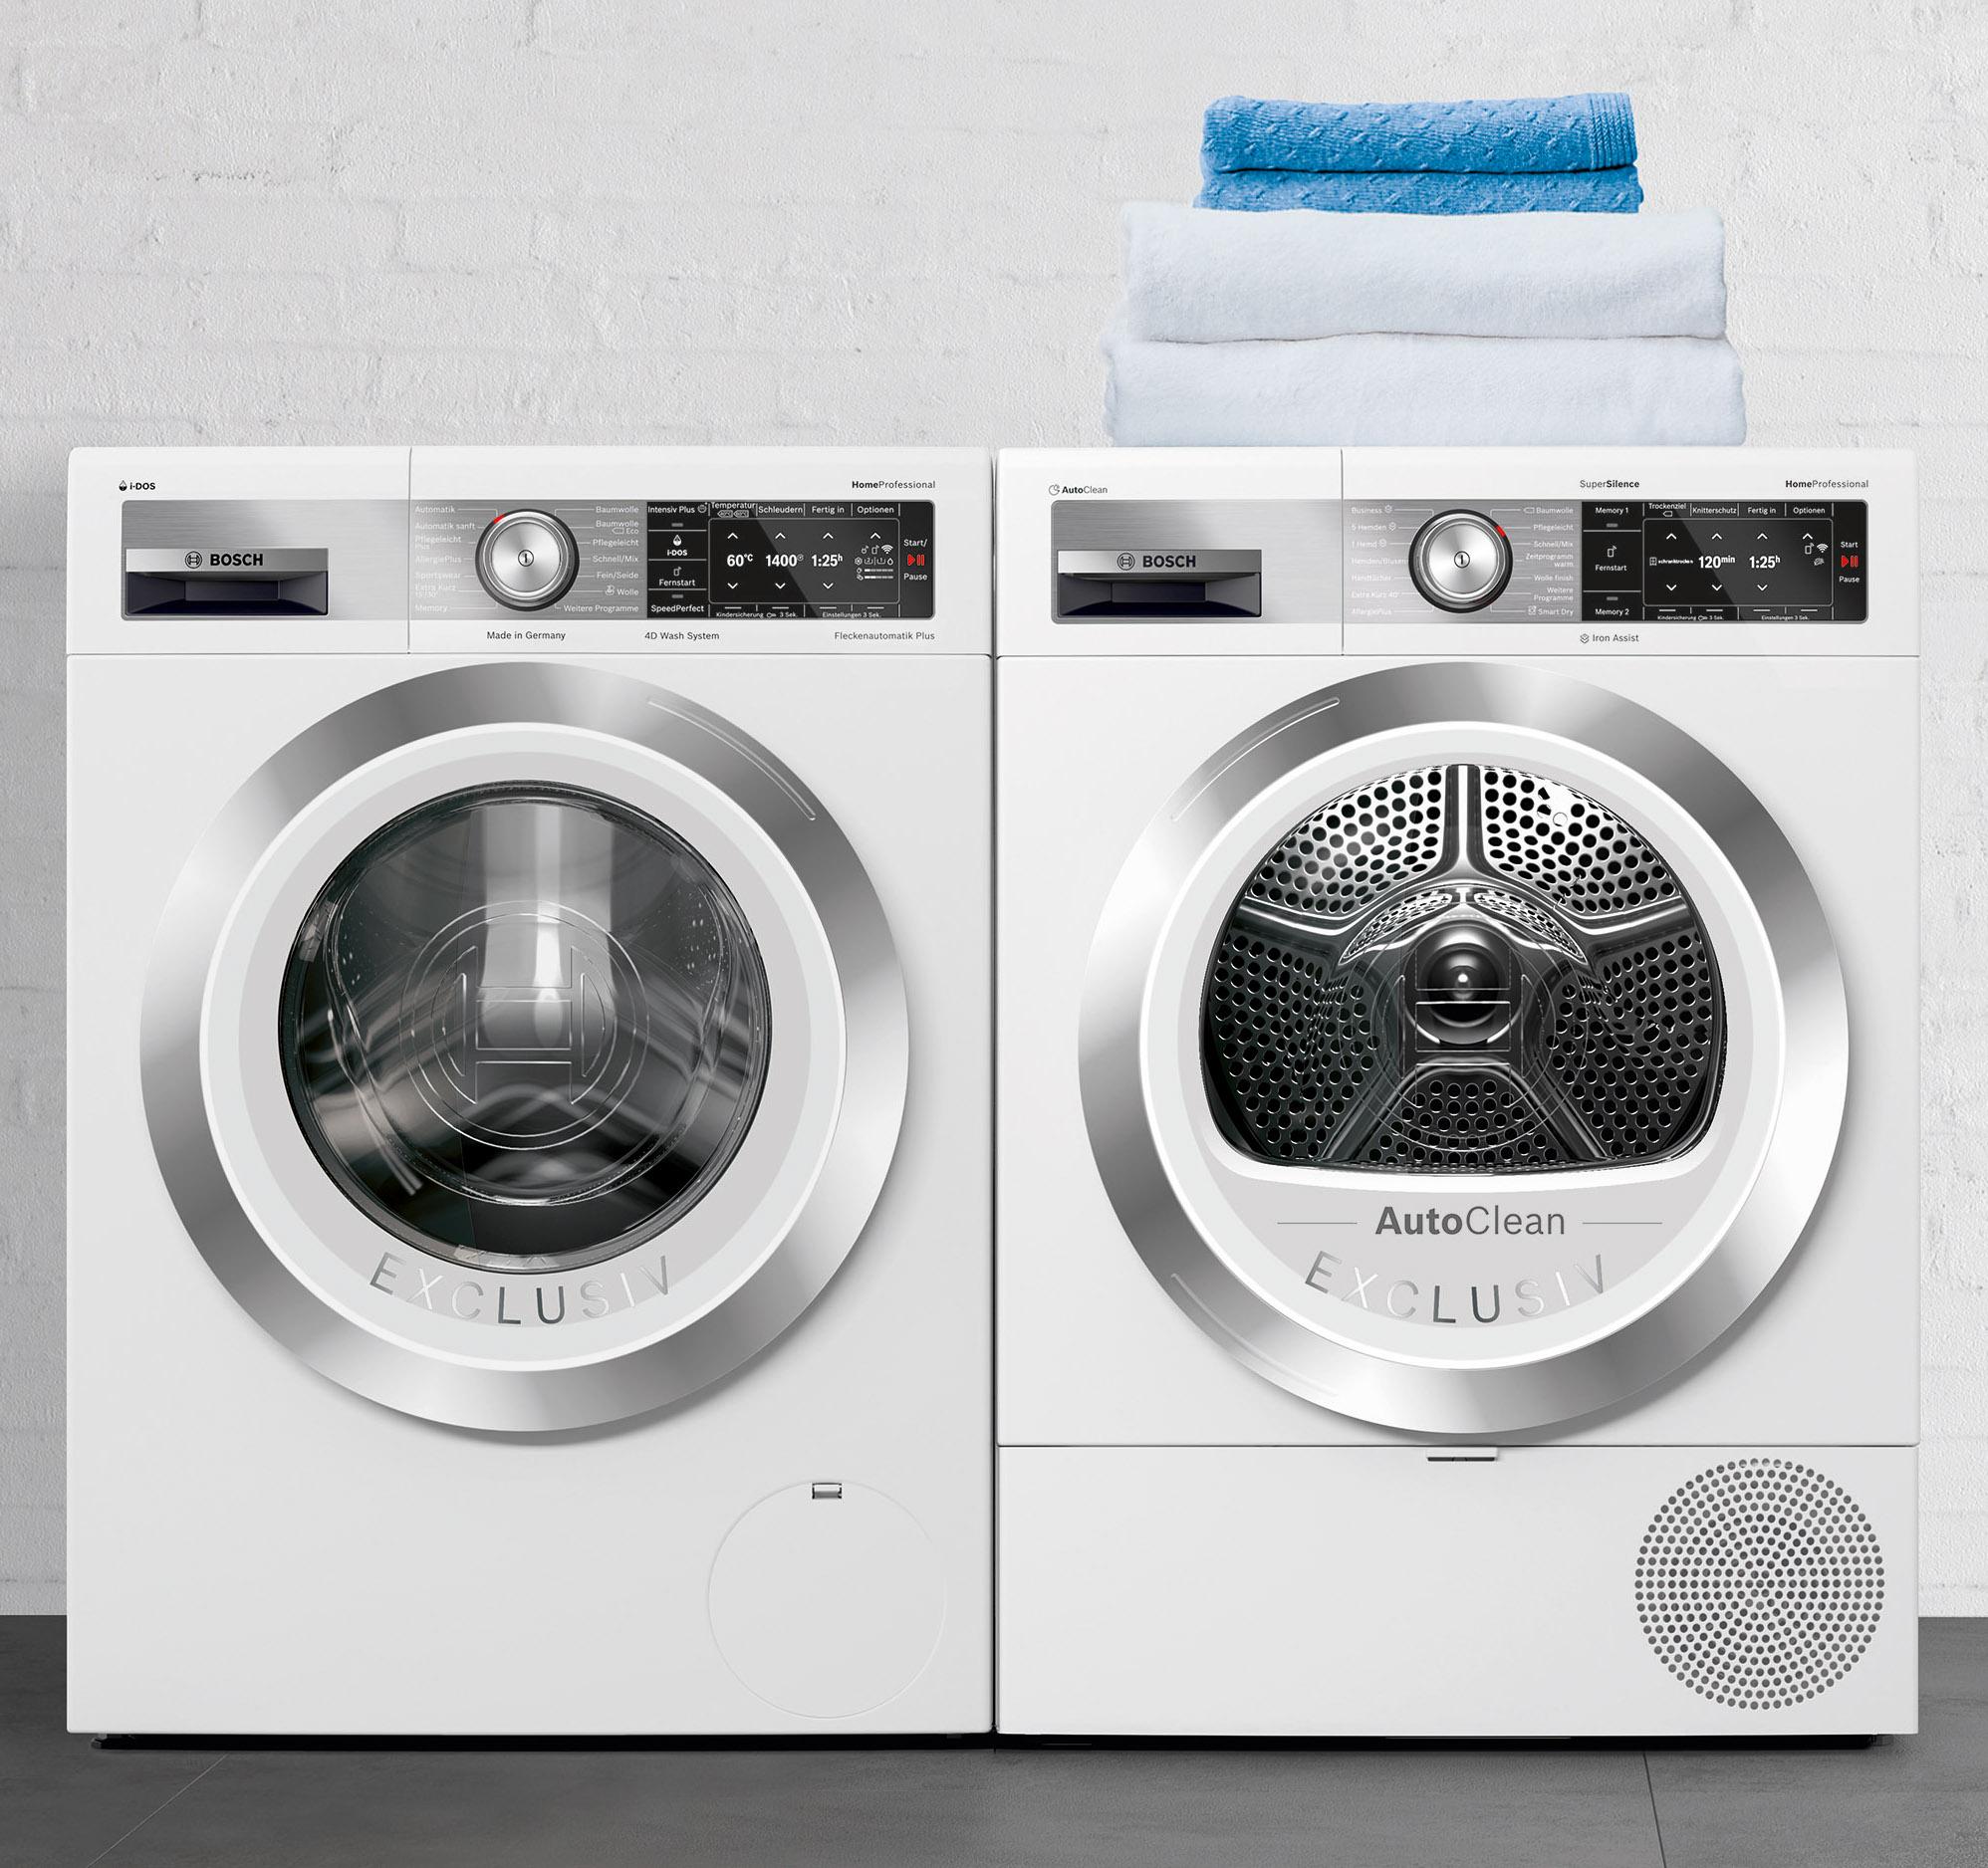 Waschmaschine und Trockner sind Teil der Bosch-Jubiläumsaktion.